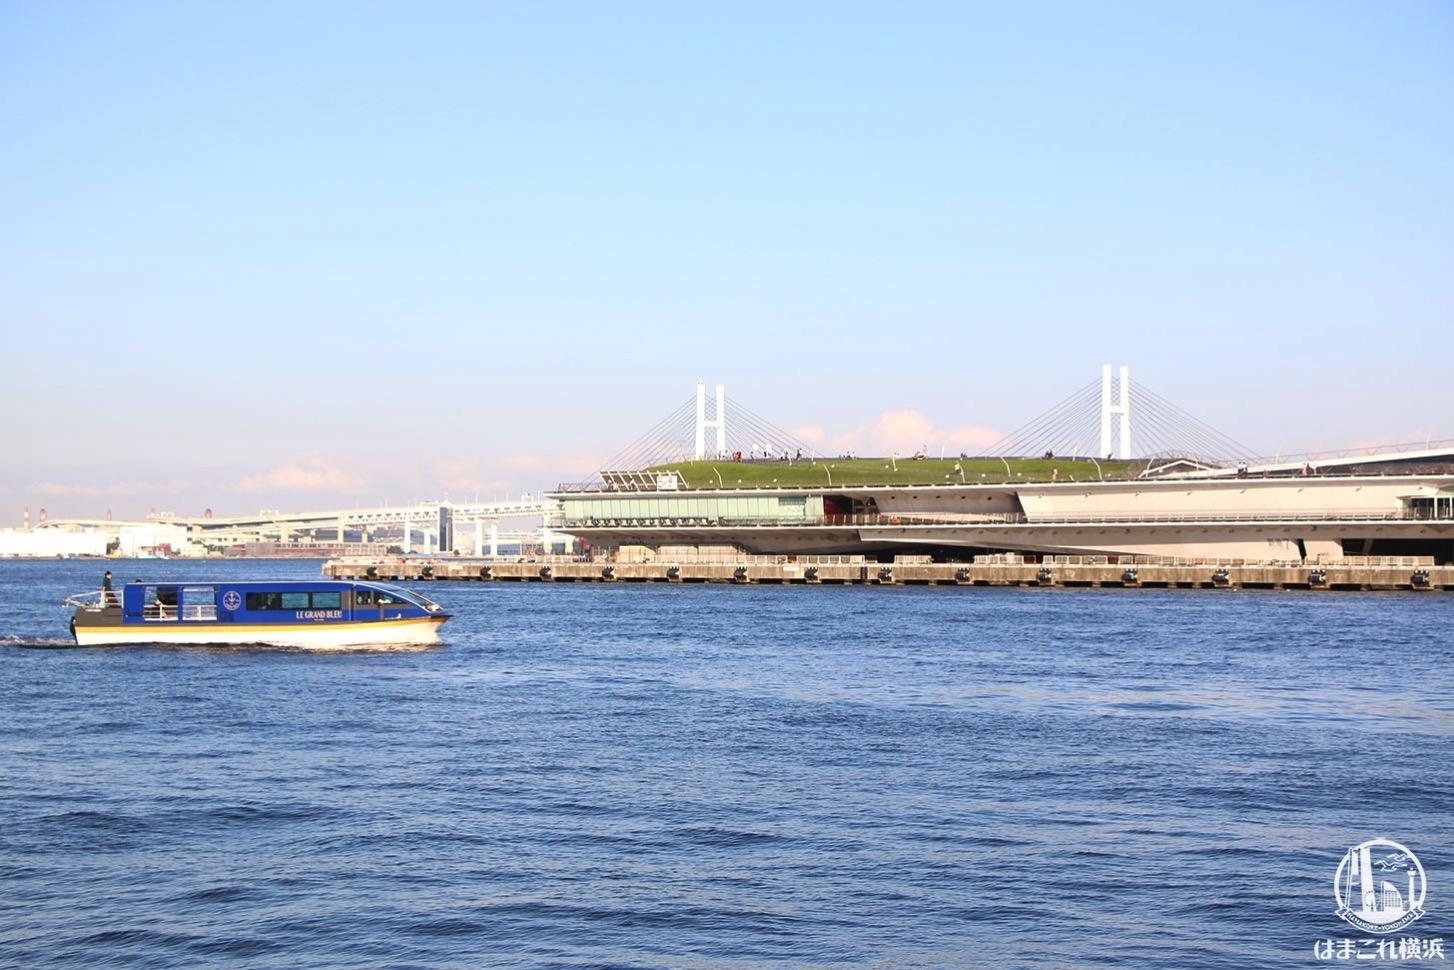 横浜赤レンガ倉庫 港の景色